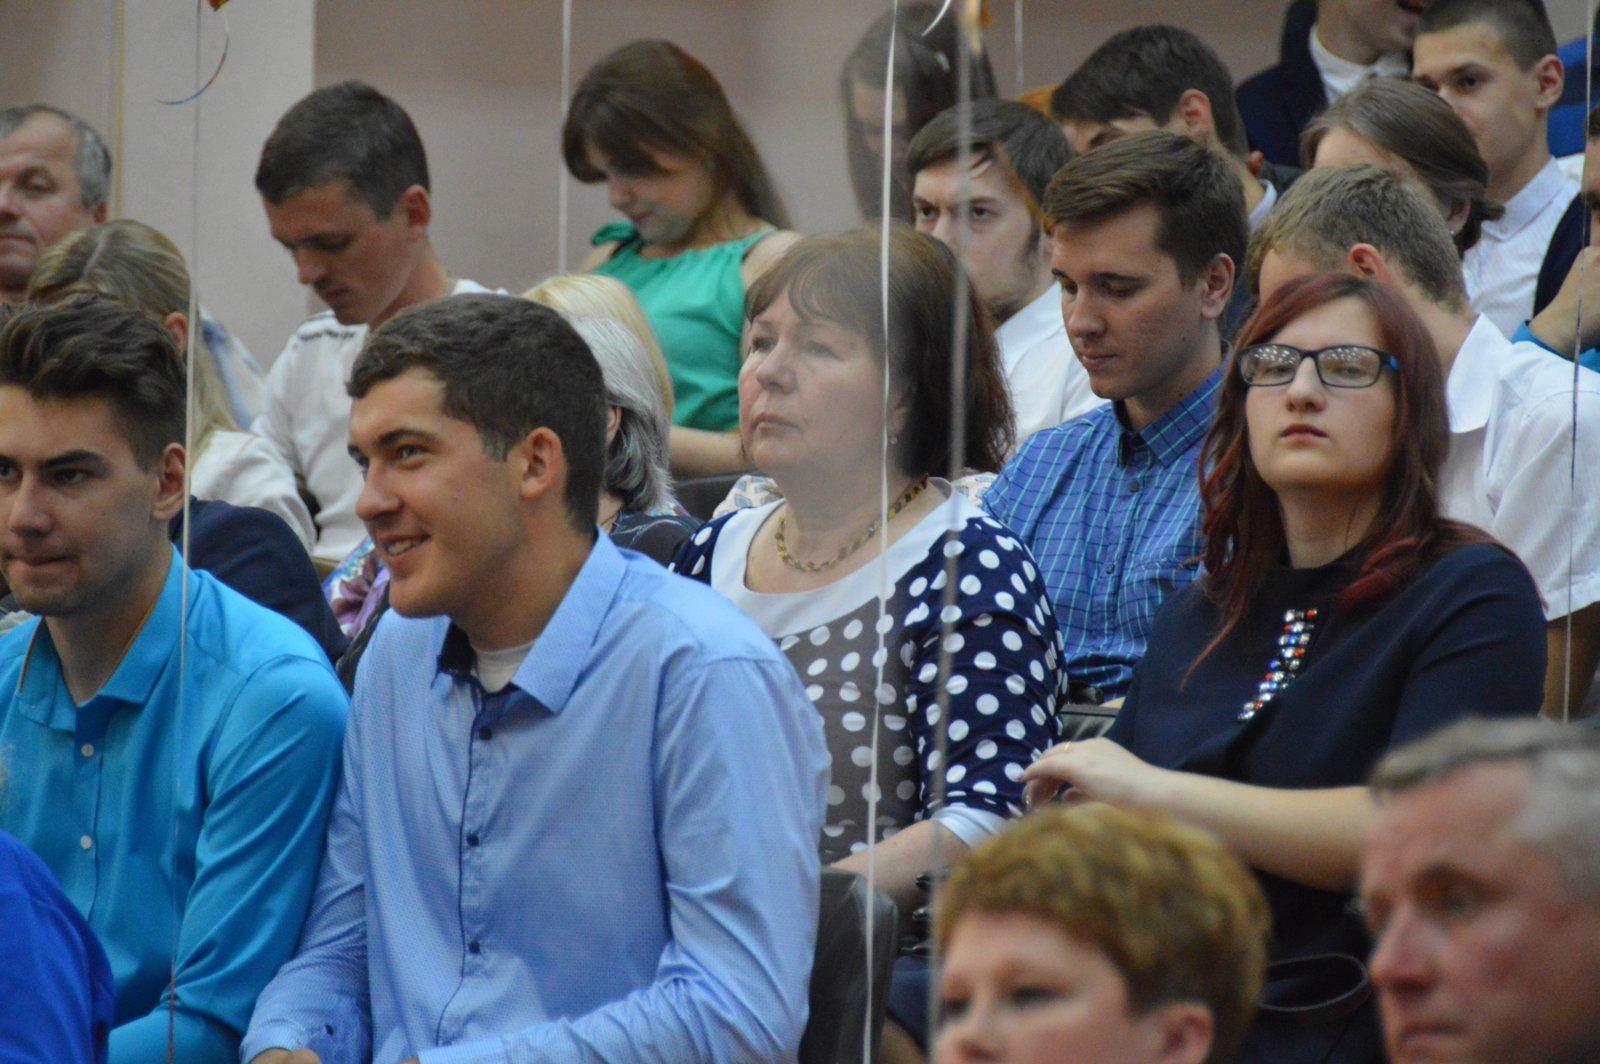 Человек на все времена Выксунский рабочий  посвящённый юбиляру в зале собрались выпускники ВМК 2017 года и их родители ведь вручение дипломов было приурочено к знаменательной дате